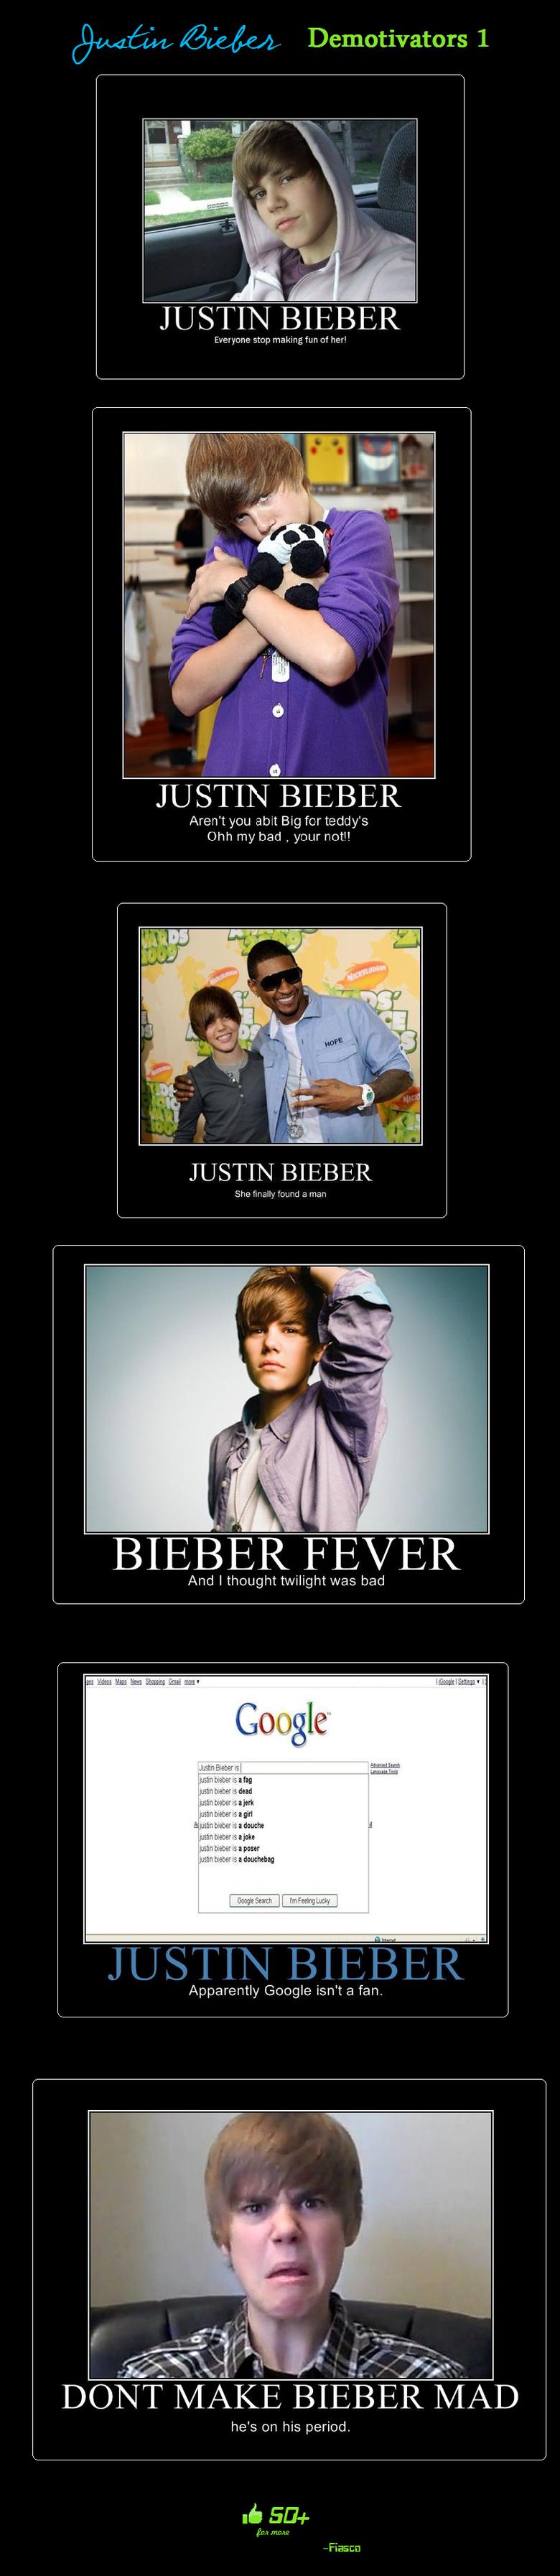 Justin Bieber Demotivators!. Justin Bieber Demotivators part 1, <br /> Part 2 - h/funny_pictures/500386/Justin+Bieber+Demotivators+2/<br /> Part 3 - justin bieber